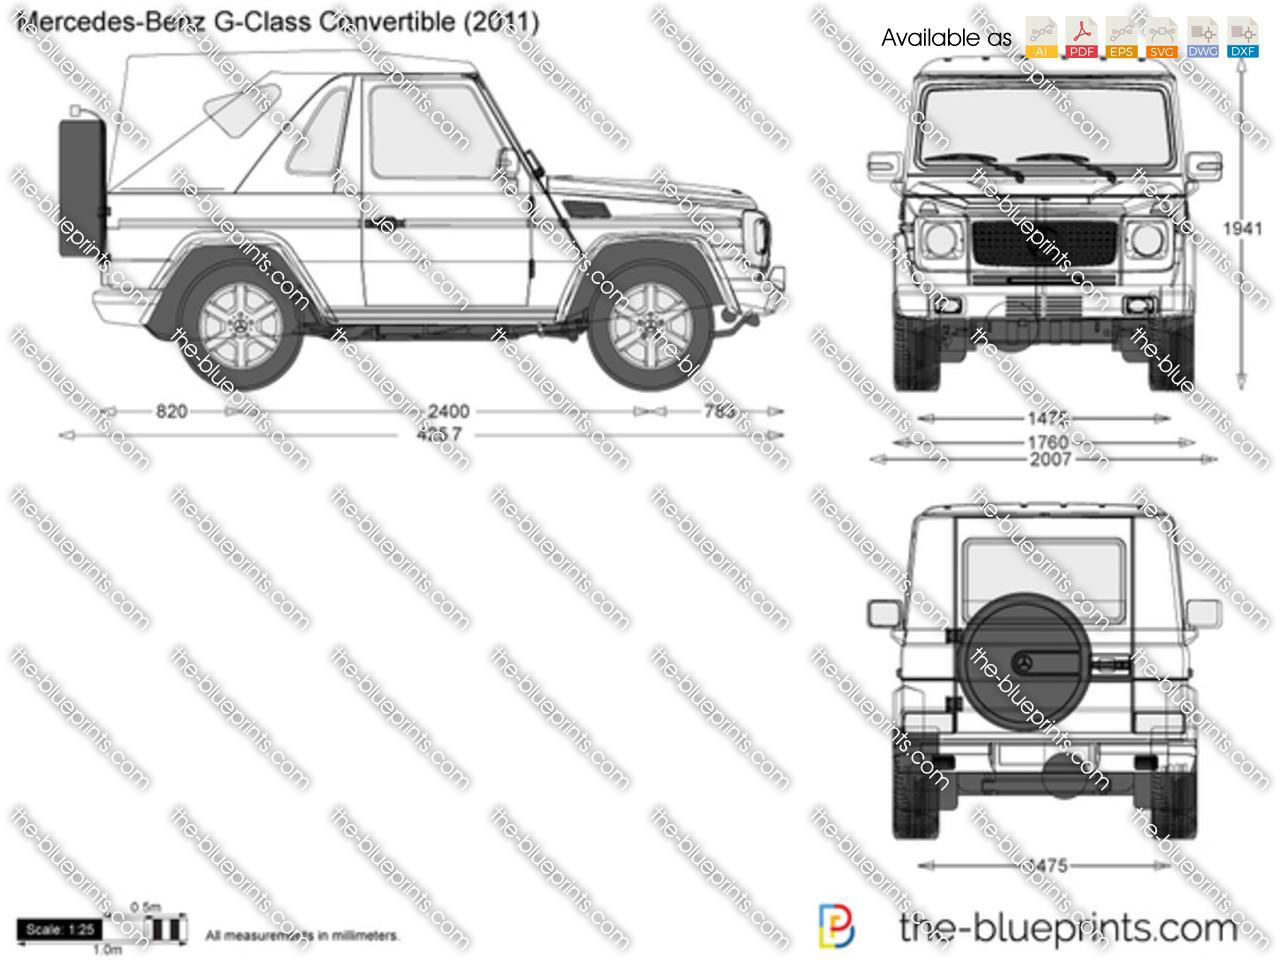 Mercedes Benz G Class Convertible Vector Drawing